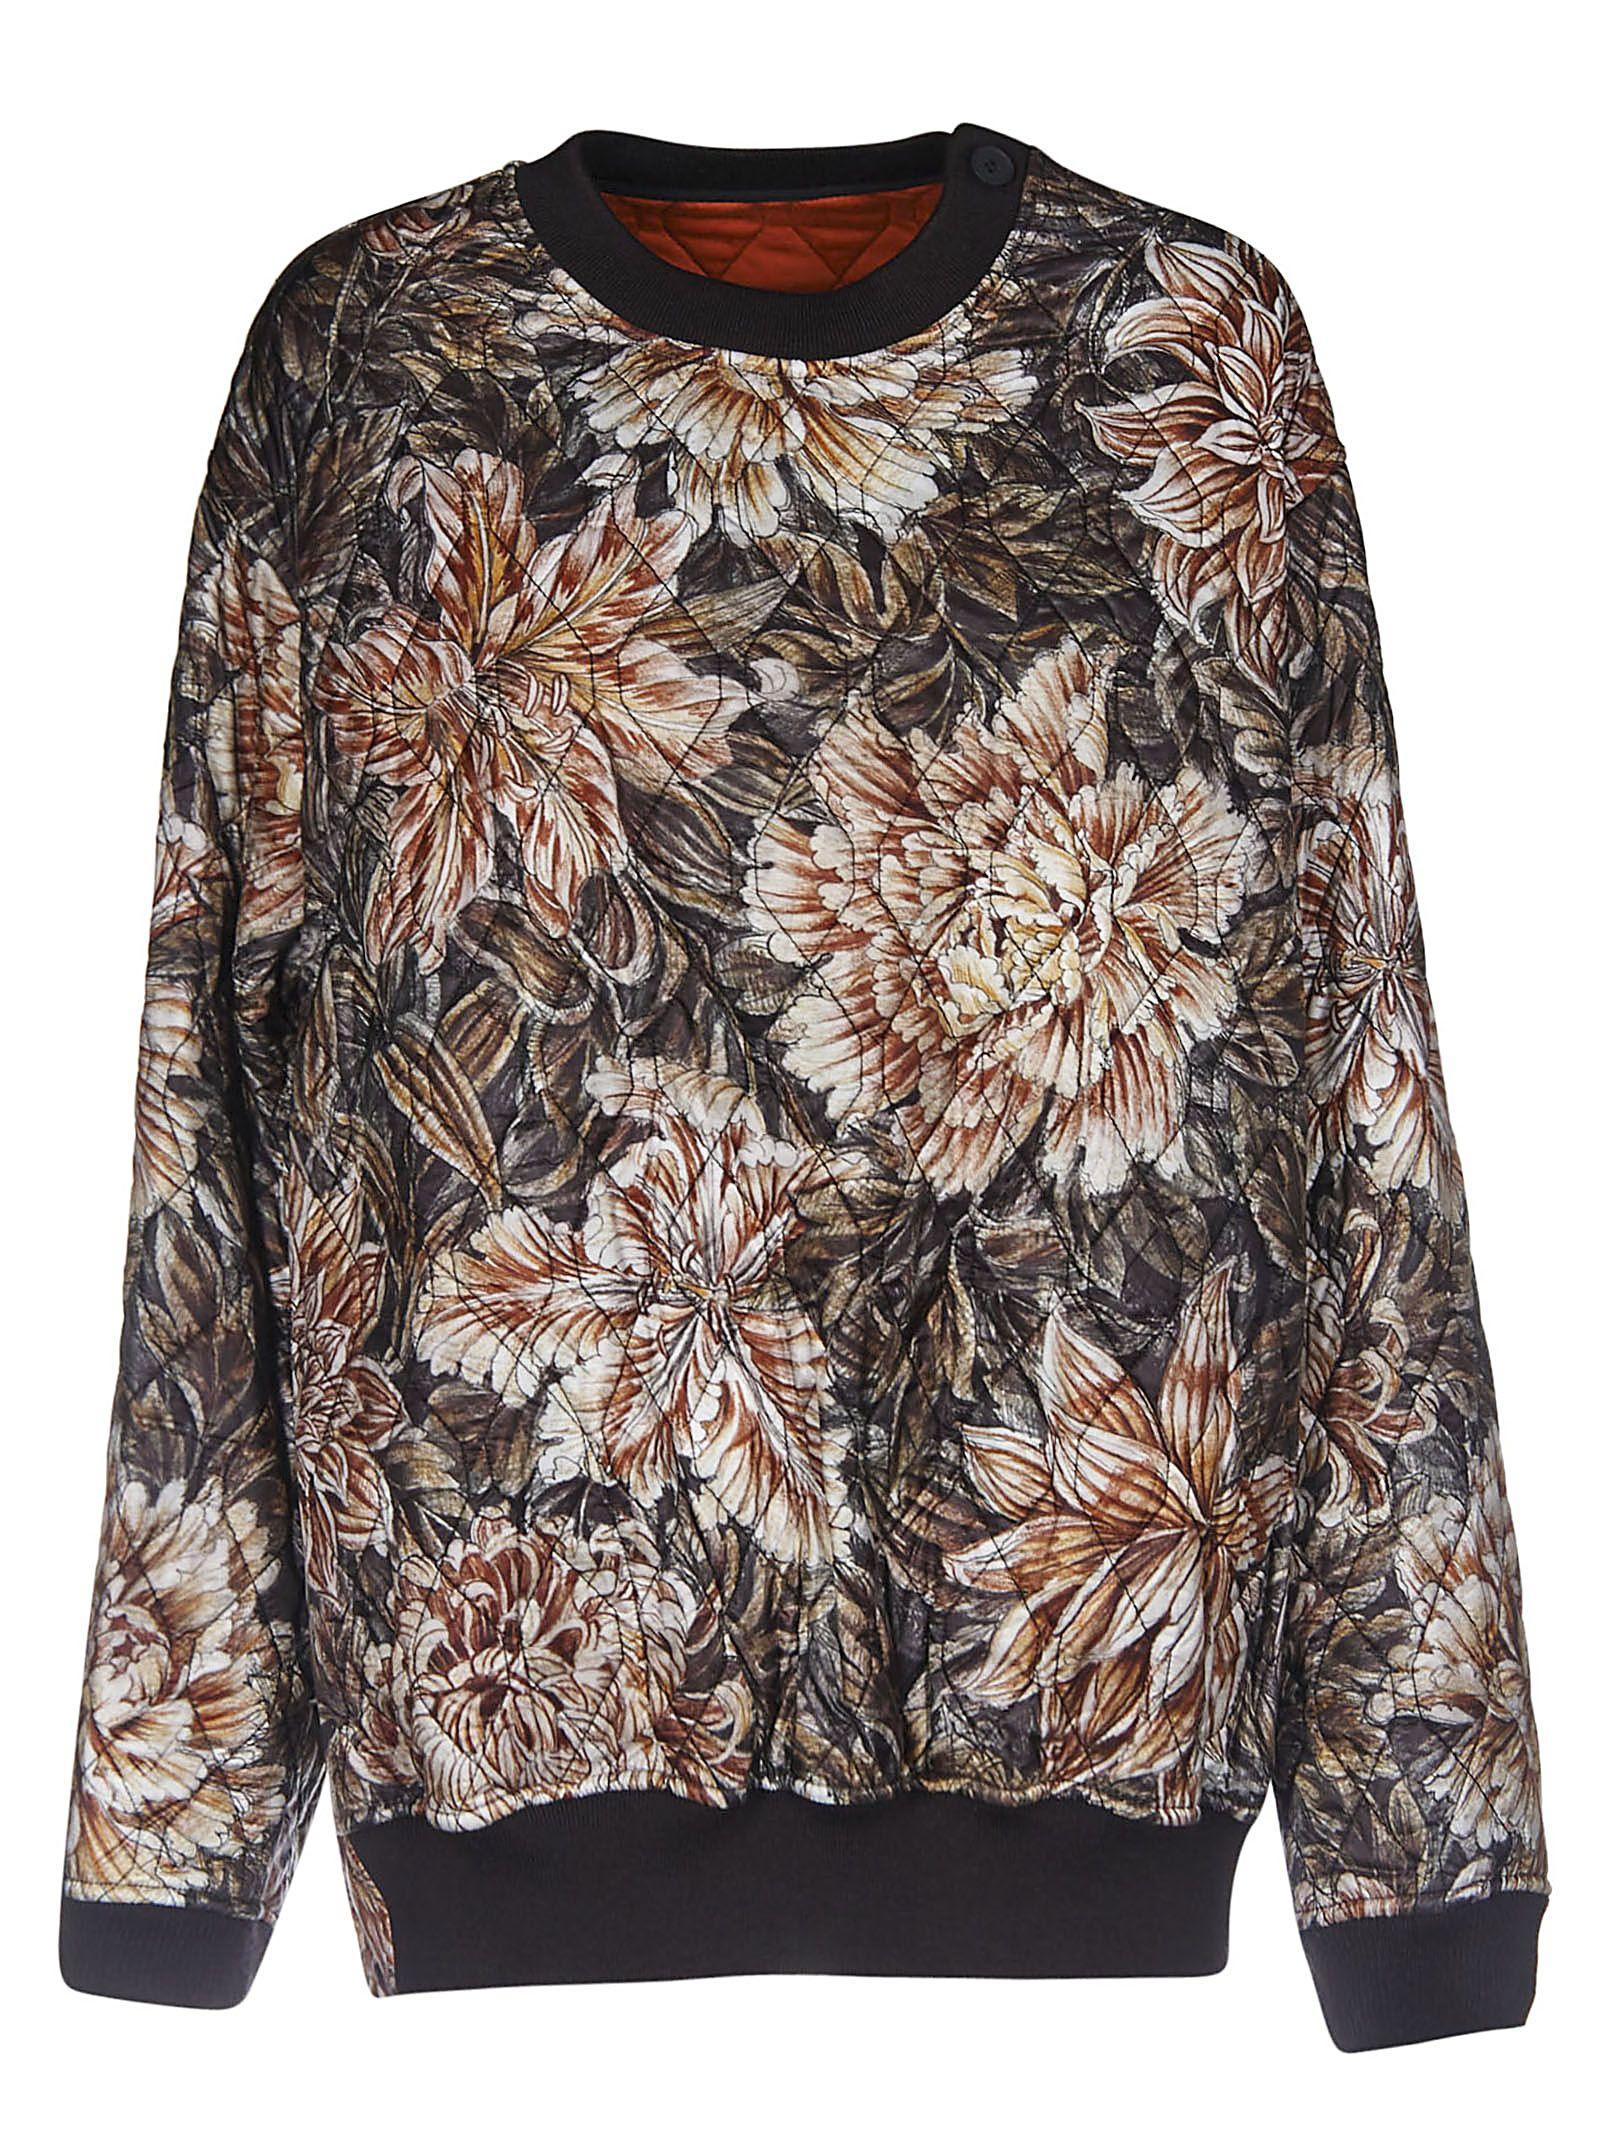 Y-3 Floral Print Quilted Sweatshirt